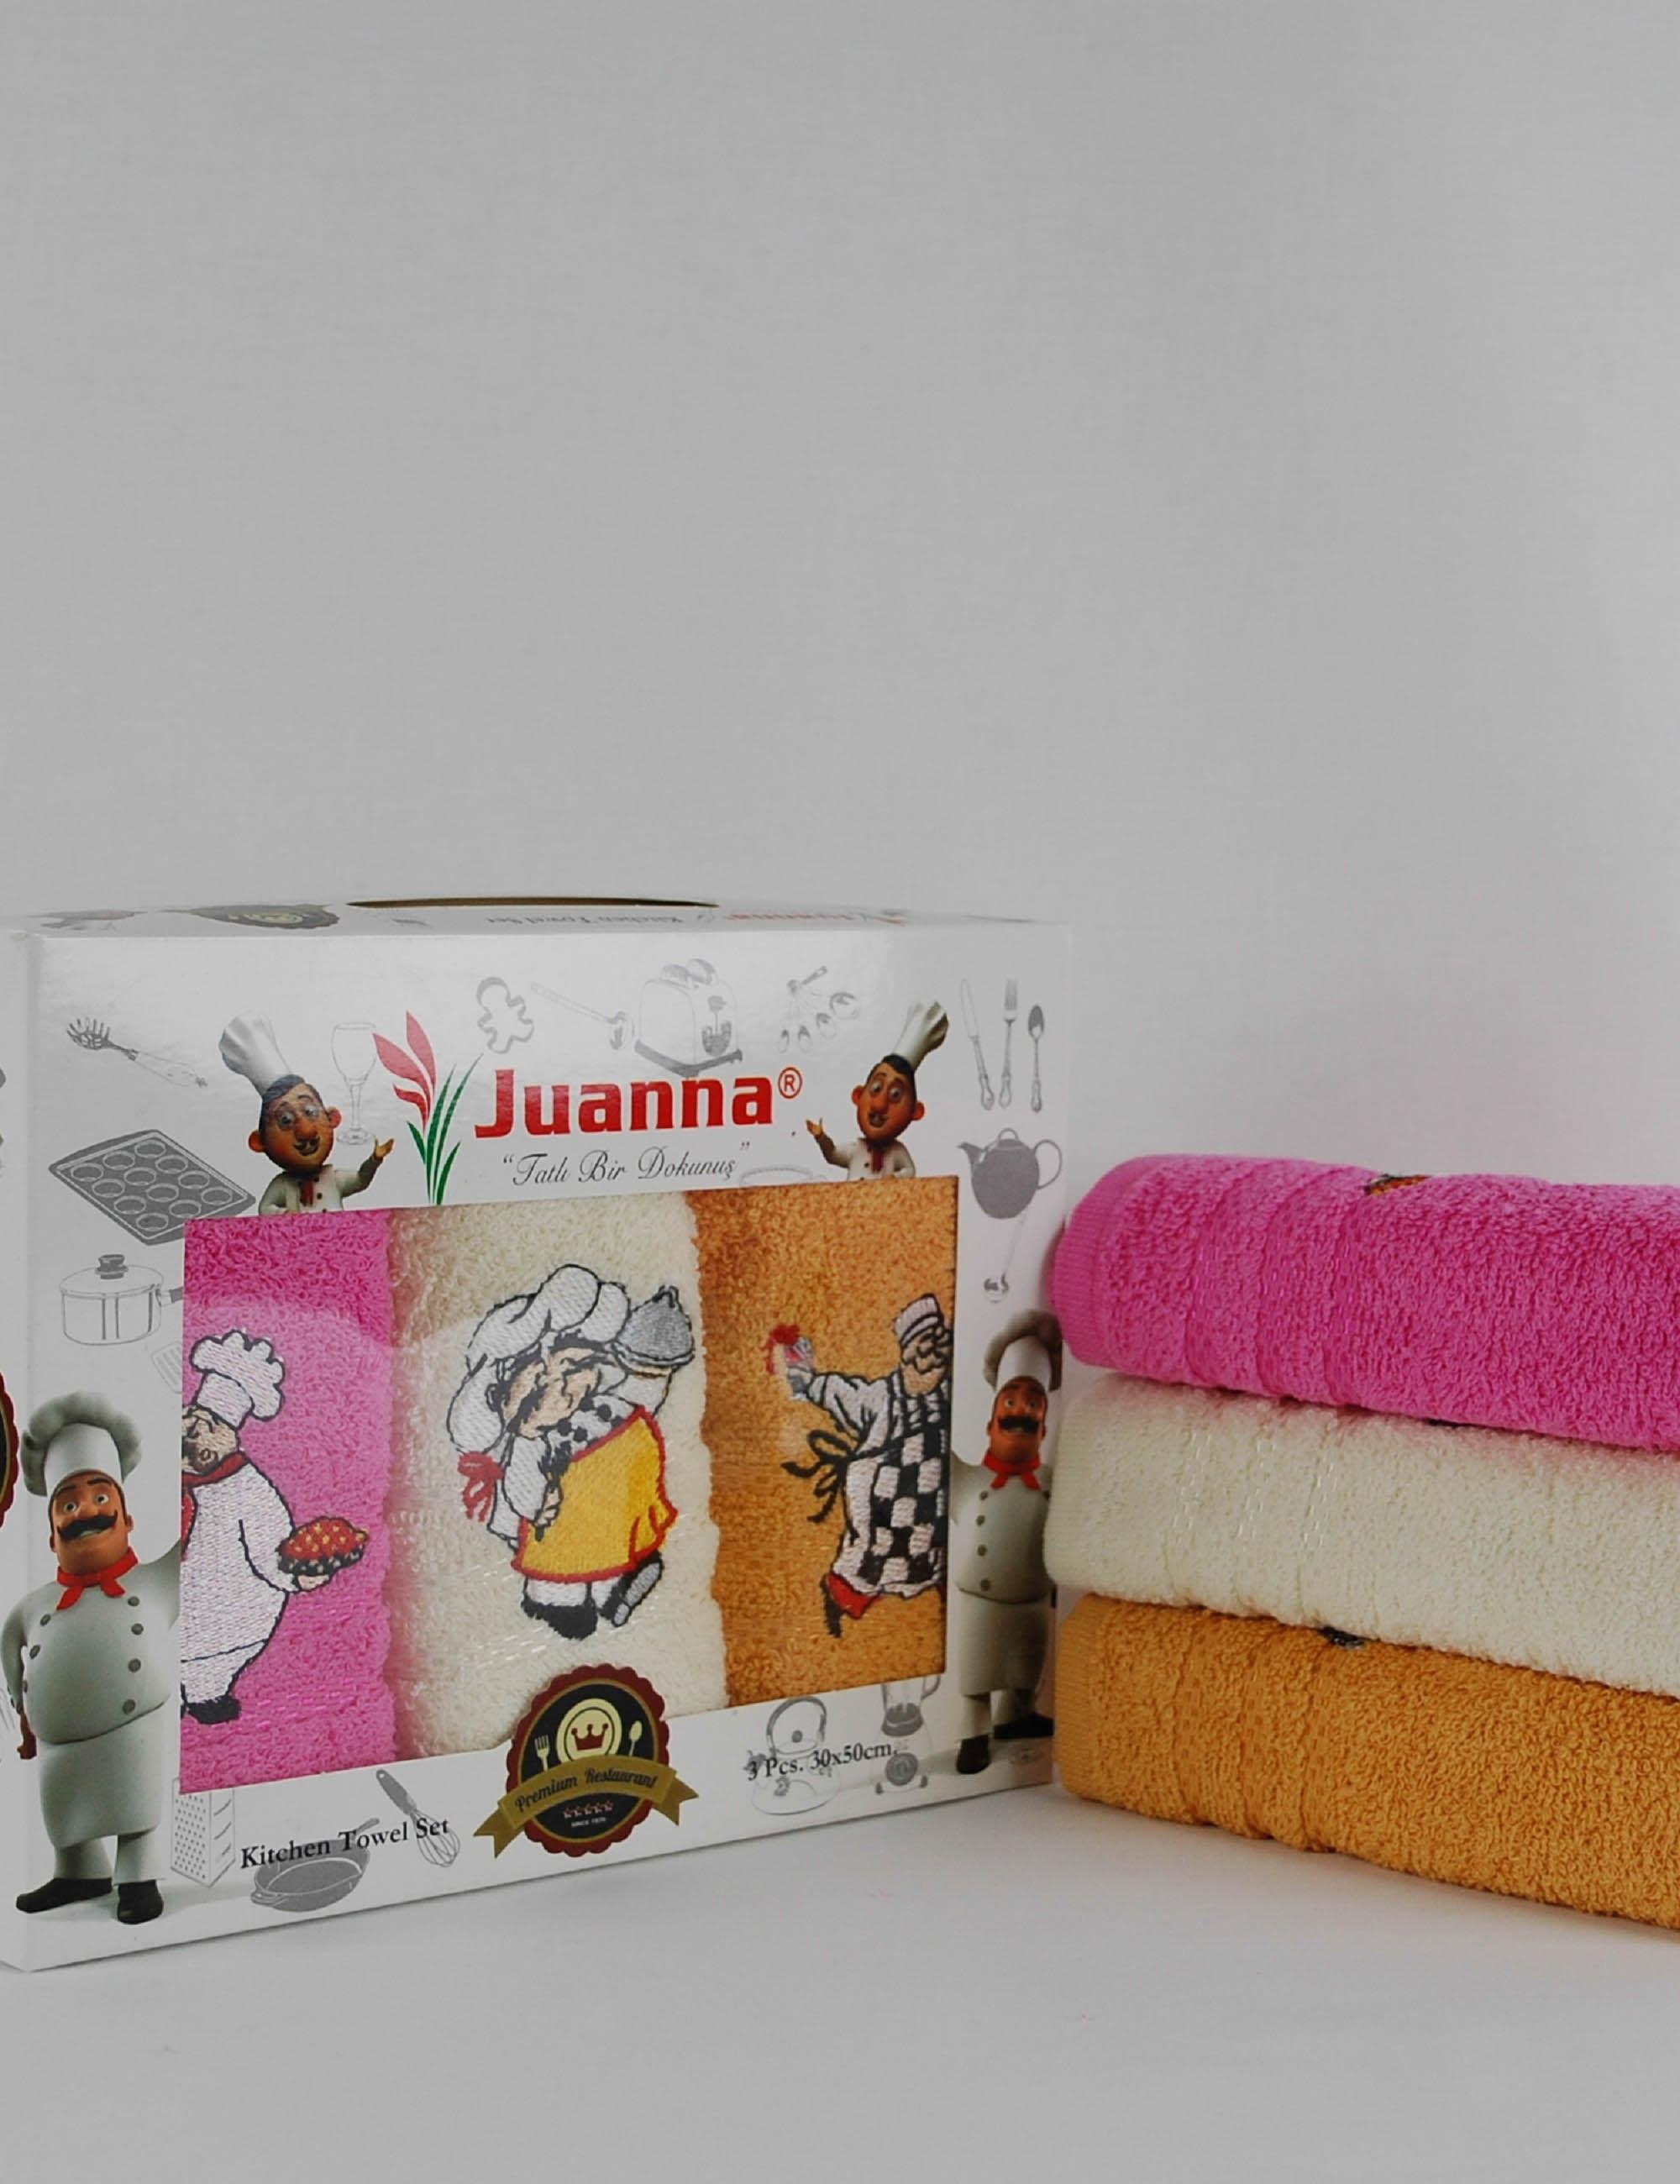 Кухонный набор Juanna